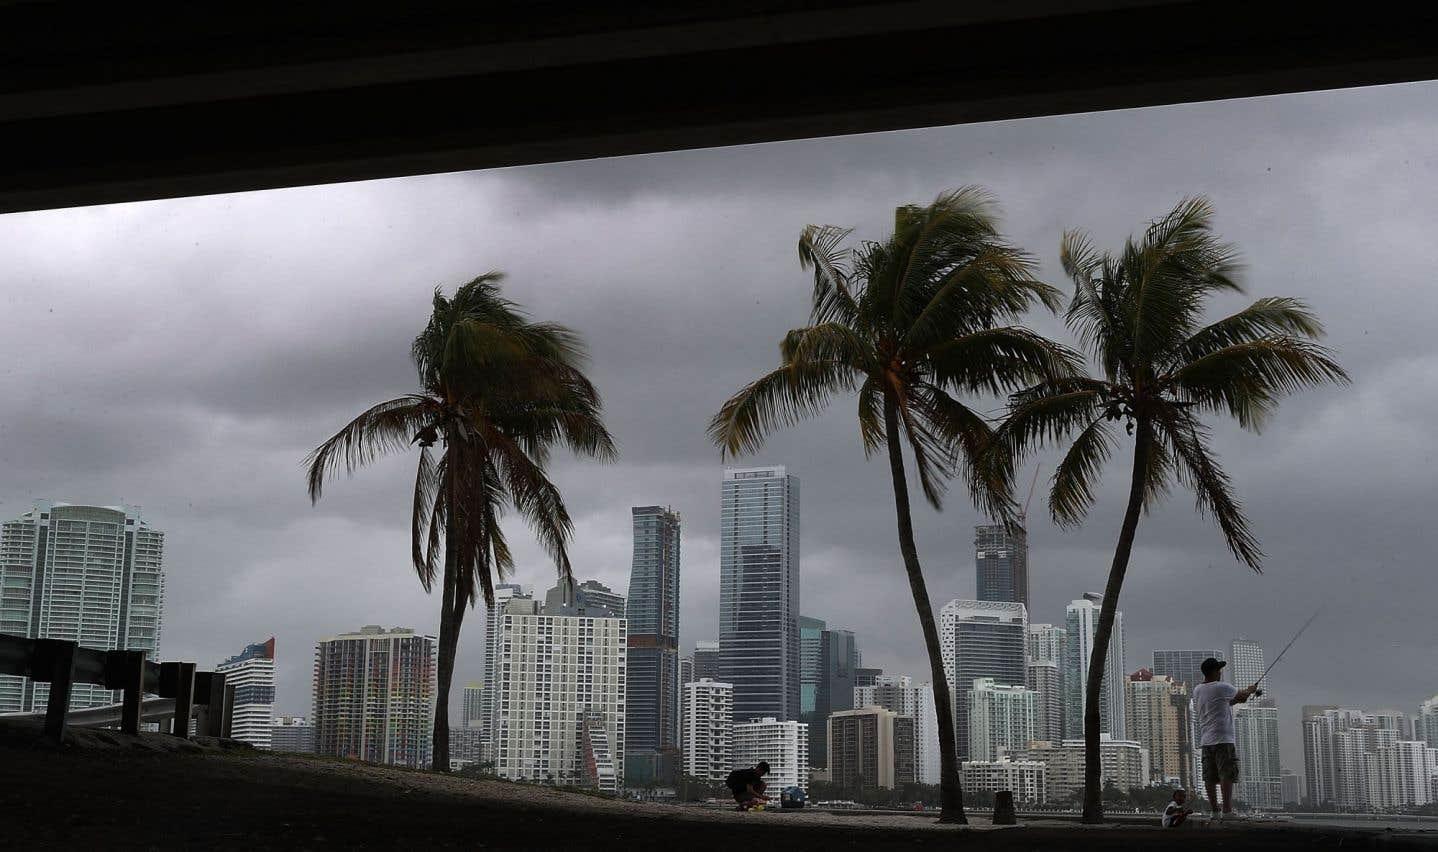 La saison des ouragans s'annonce très active dans l'Atlantique Nord